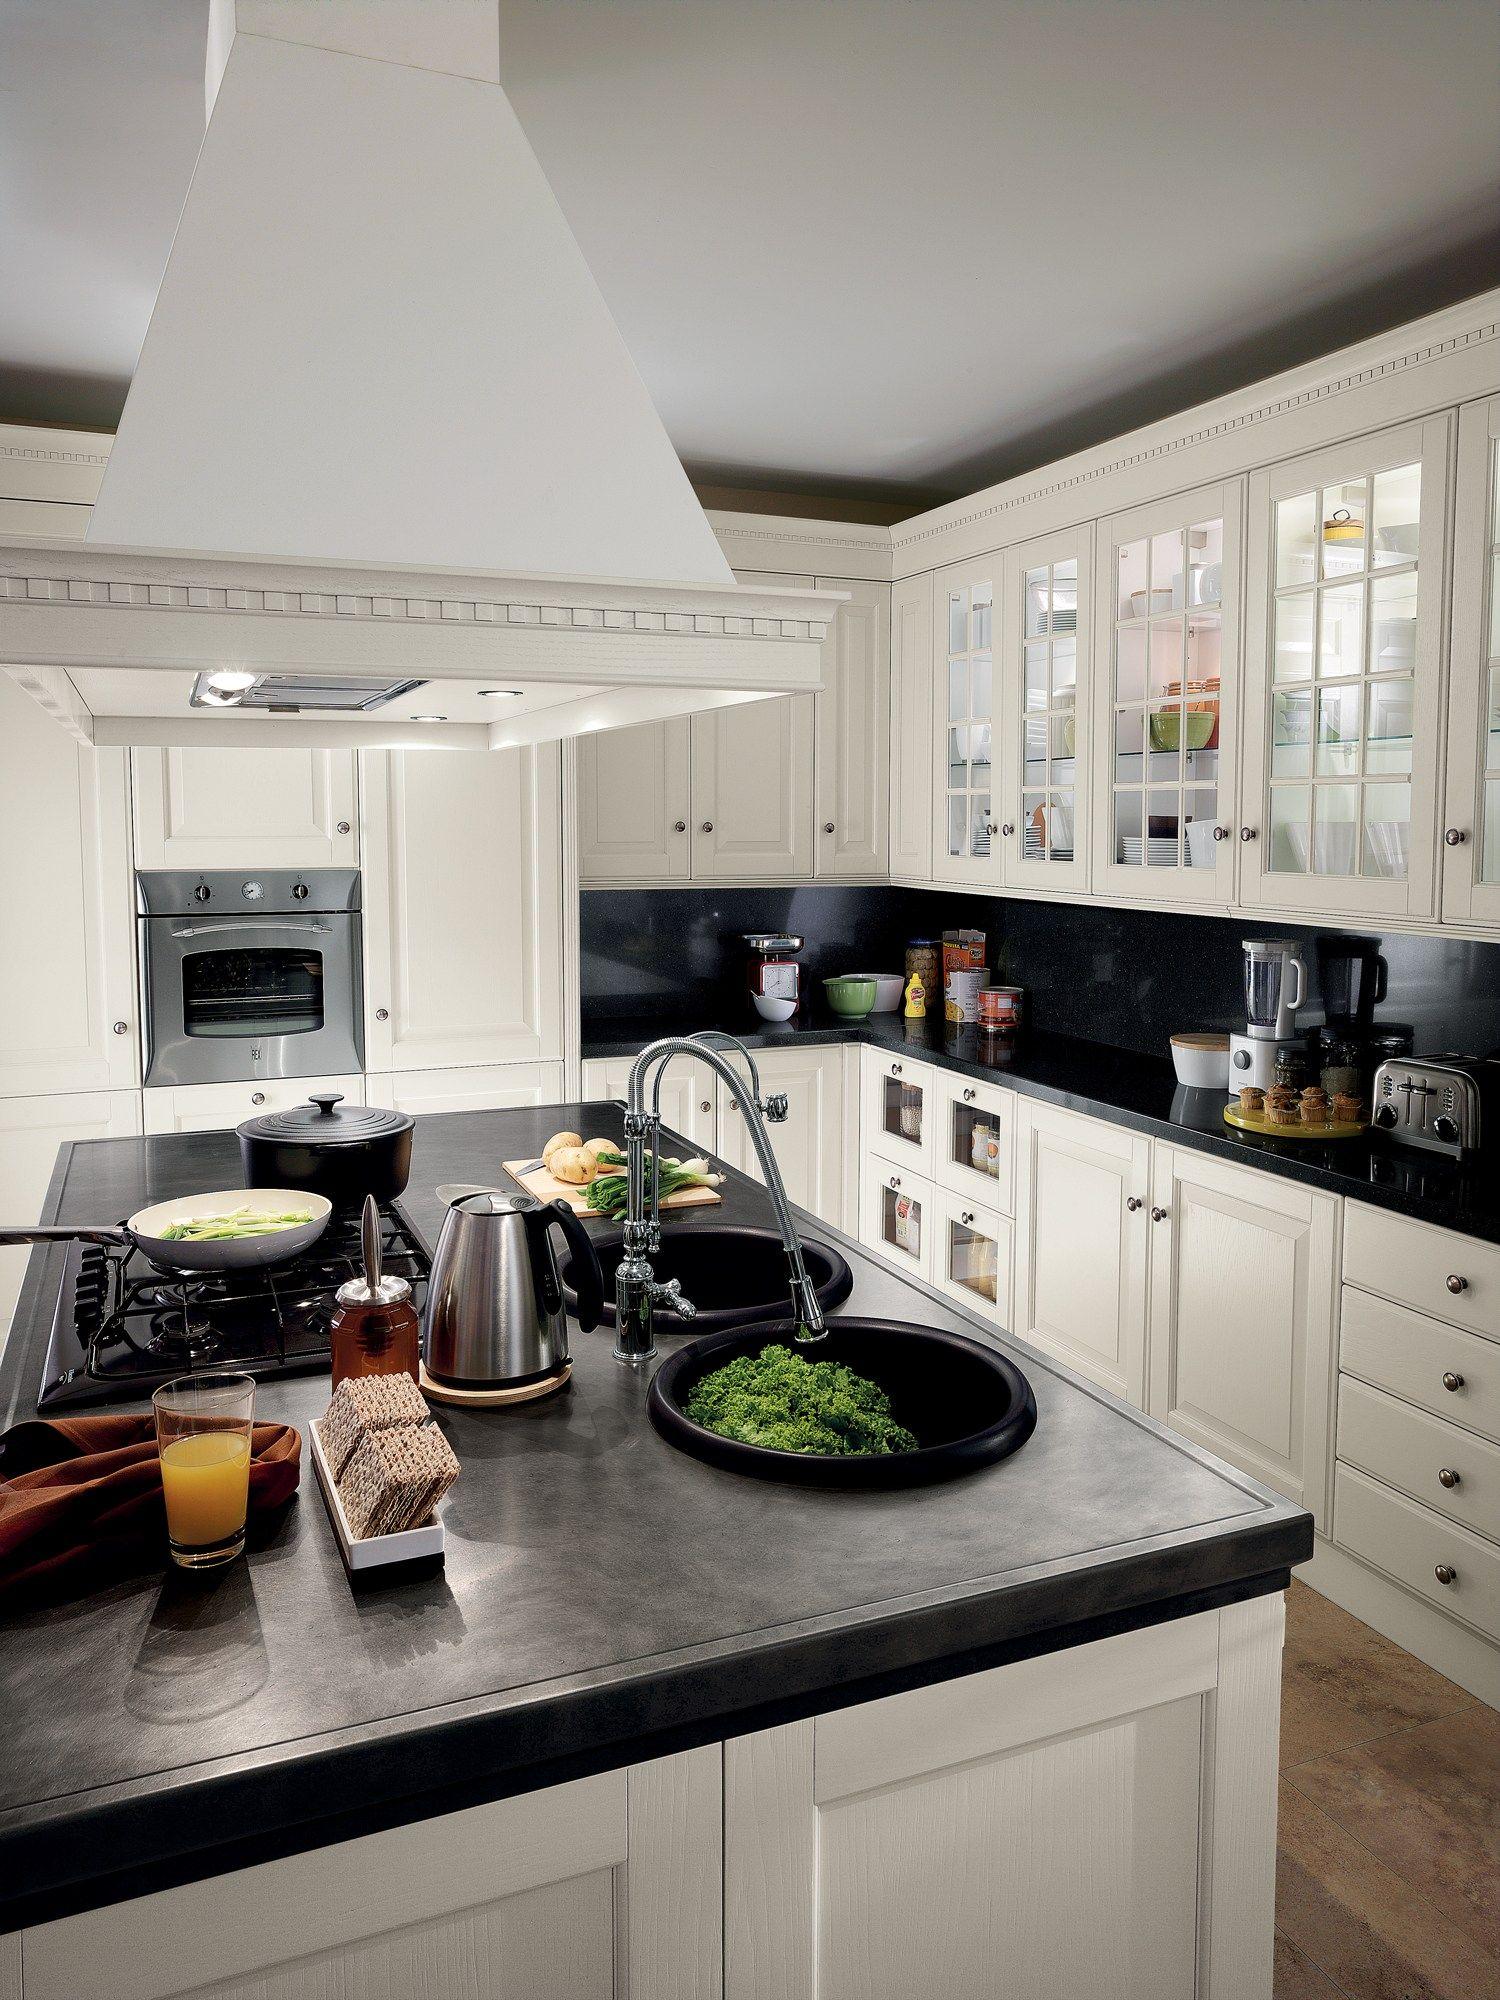 Cucina componibile baltimora linea scavolini by scavolini design vuesse design marco pareschi - Cucina scavolini baltimora ...